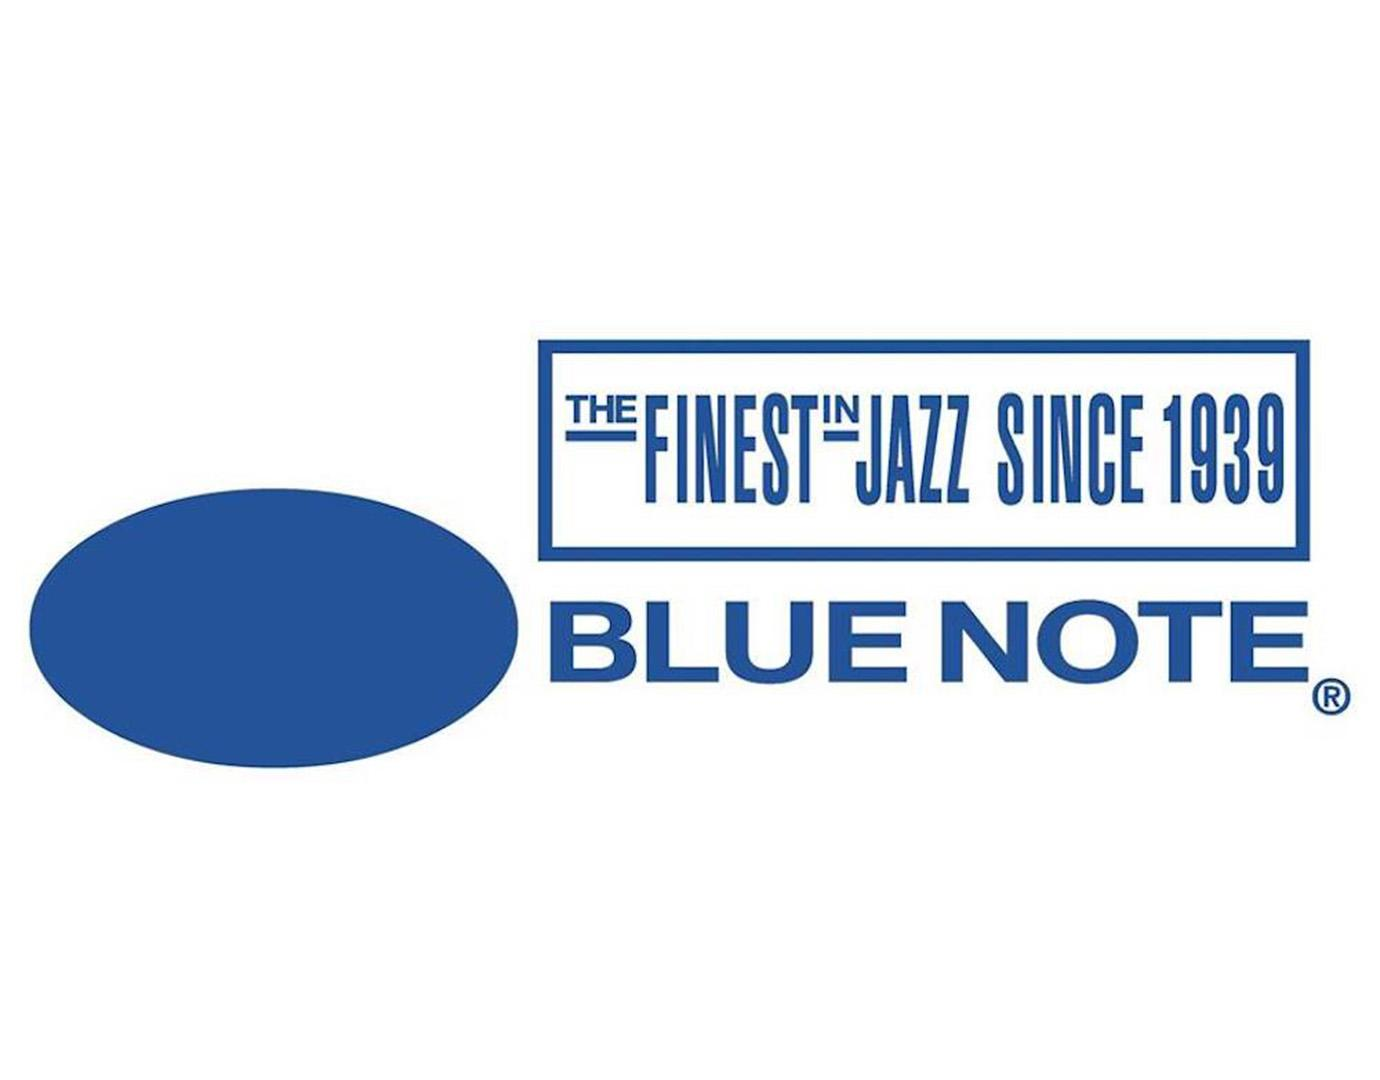 Blue Note Records celebrates 80th anniversary - The Wire